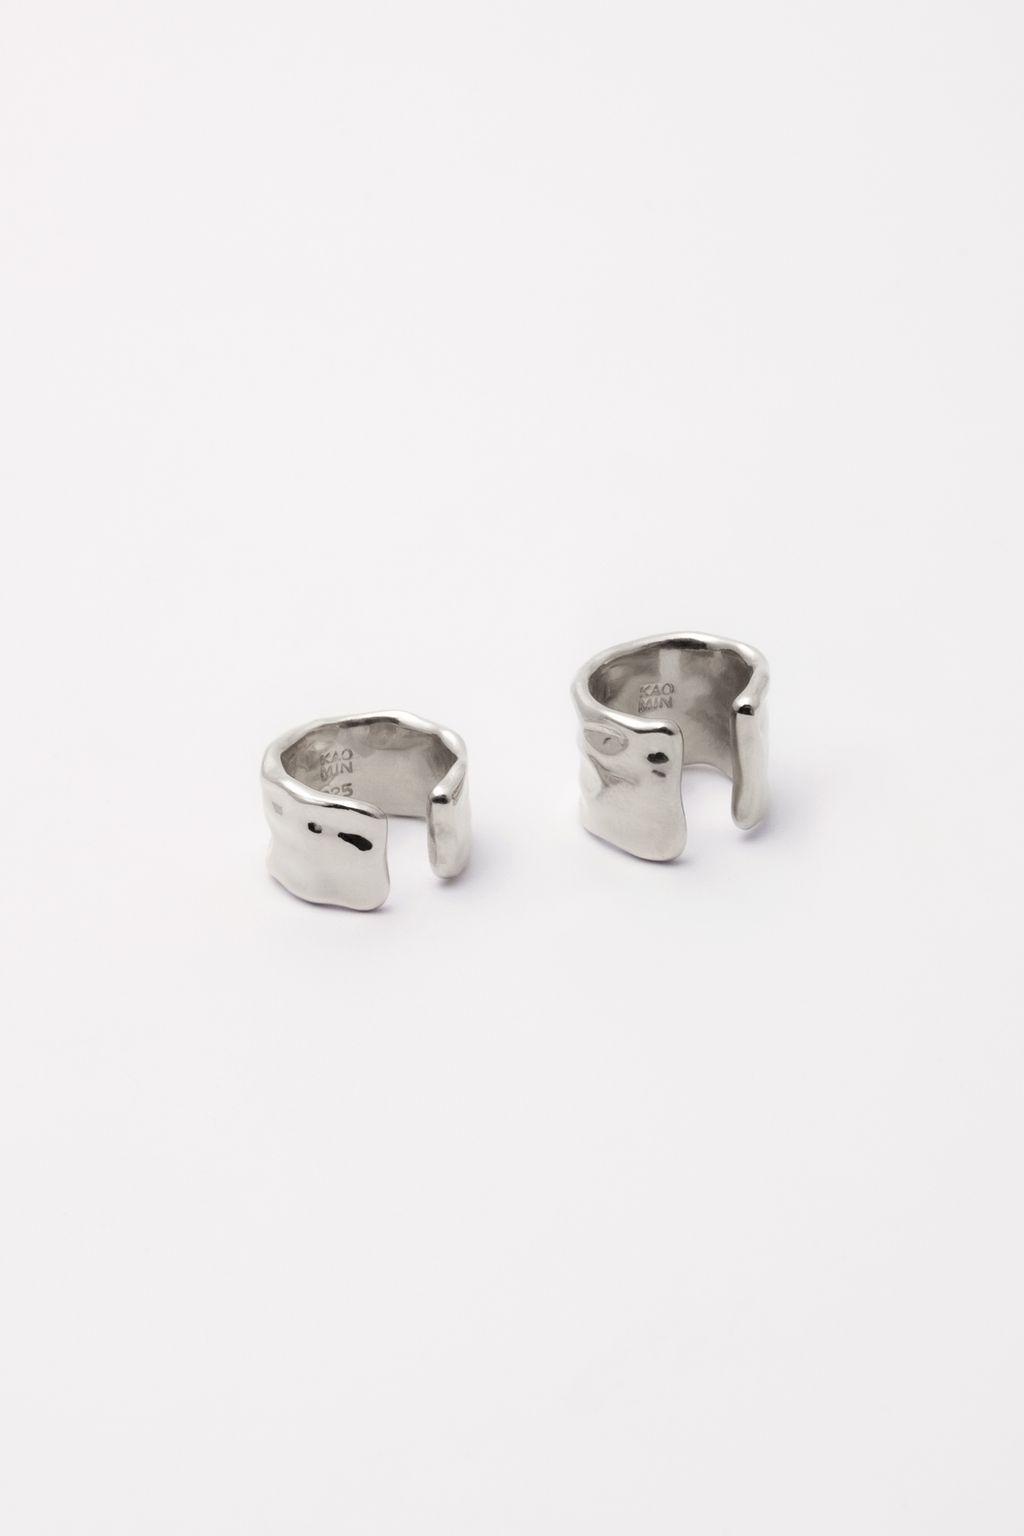 0718耳夾平放silver.jpg